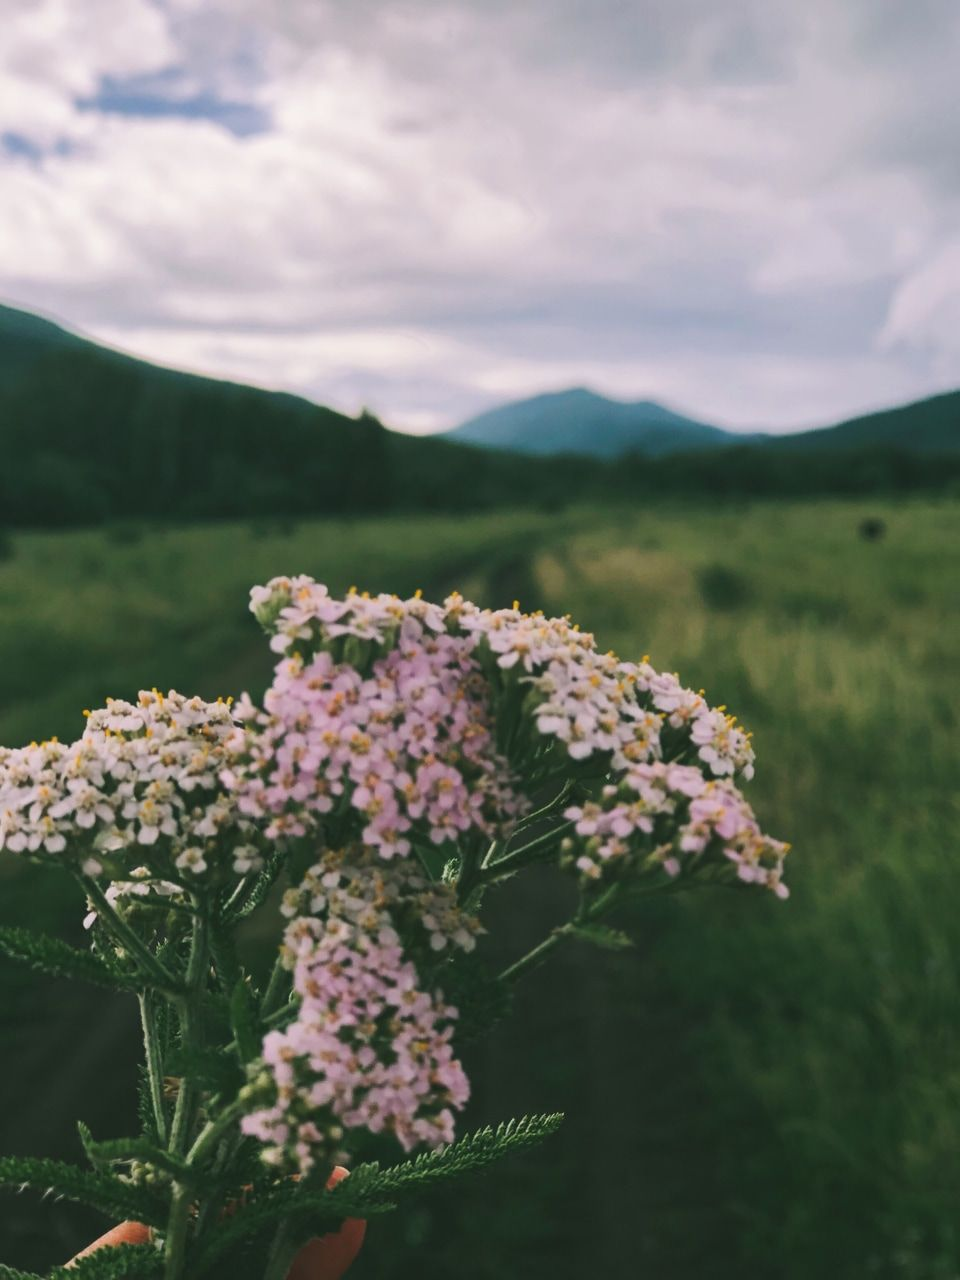 Pin Oleh Yaya Nurizky Di Nature Fotografi Alam Bunga Perjalanan